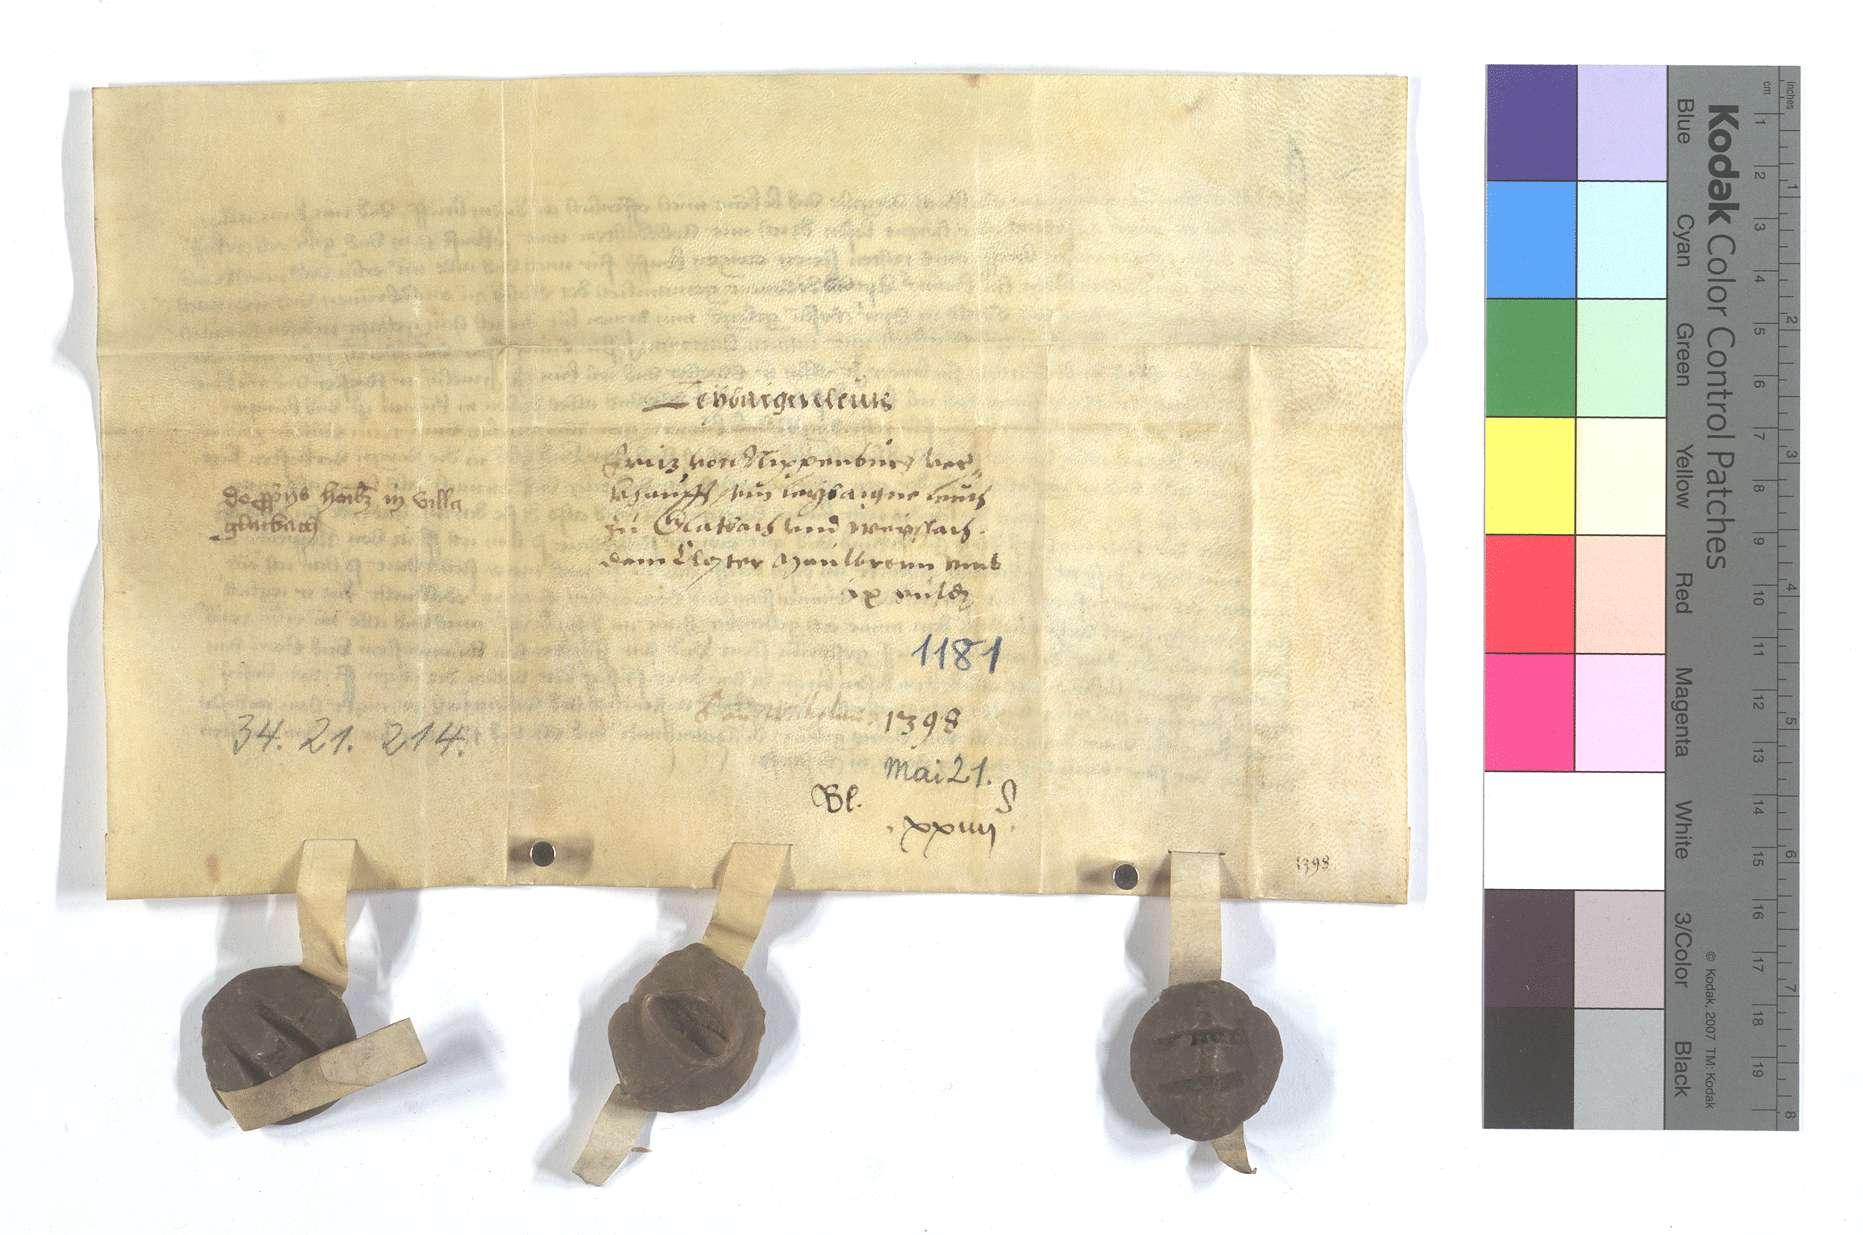 Fritz von Nippenburg verkauft alle seine namentlich genannten Eigenleute in Glattbach (Glatbach) und Weissach., Rückseite